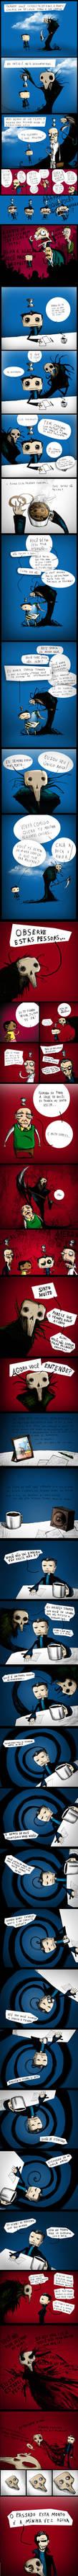 Quadrinhos Psicoticos - Completo